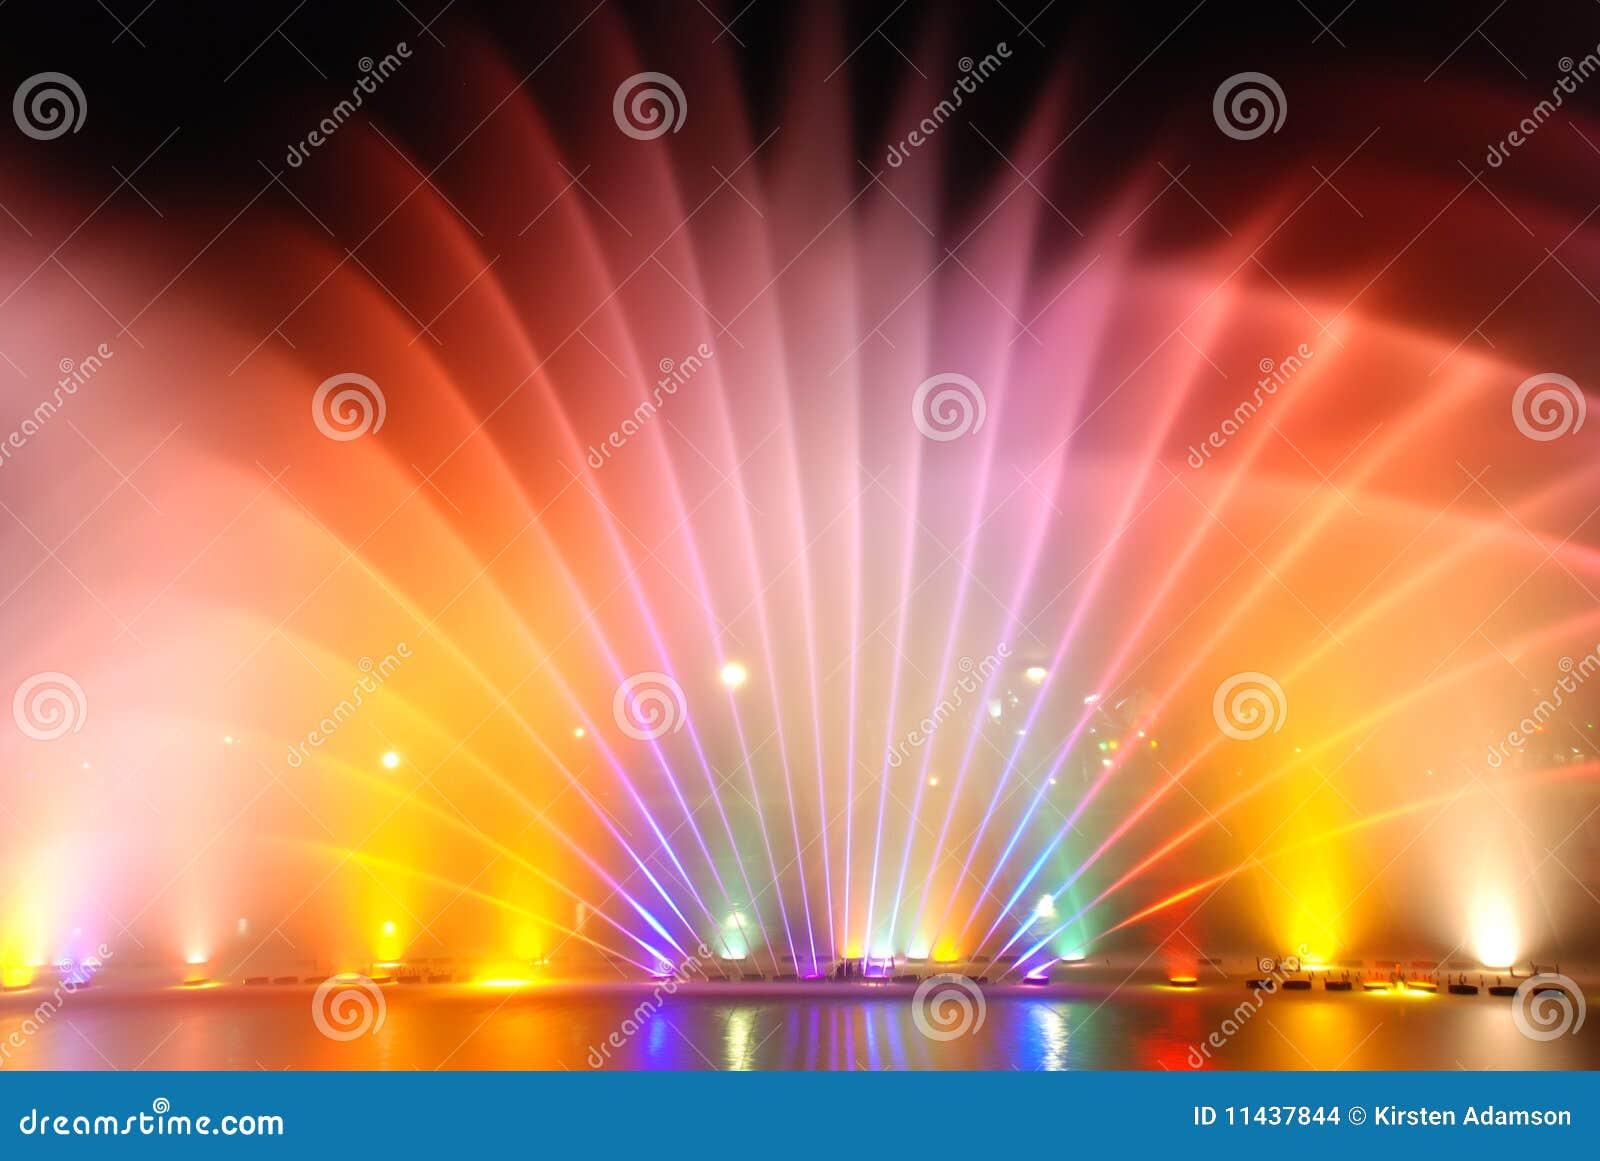 Fuentes coloridas musicales